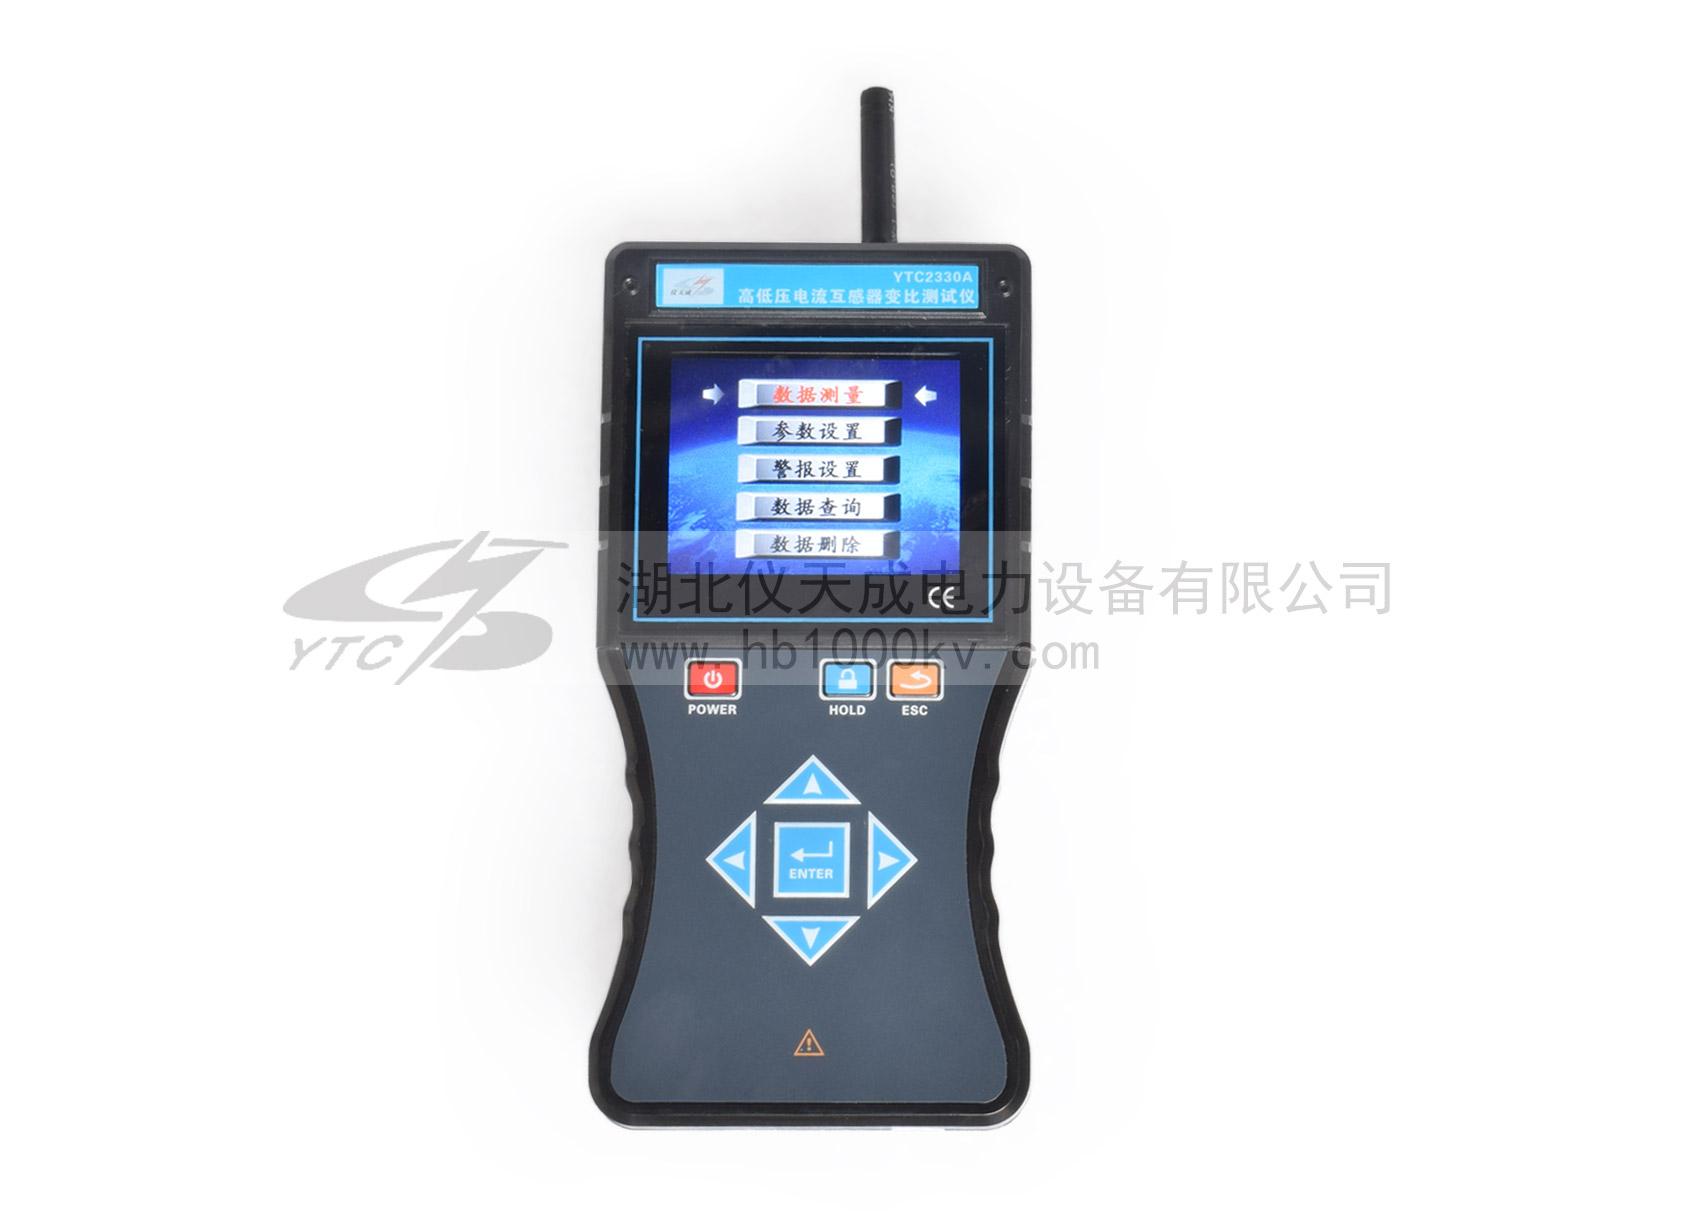 YTC2330A高低壓電流互感器變比測試儀接收器